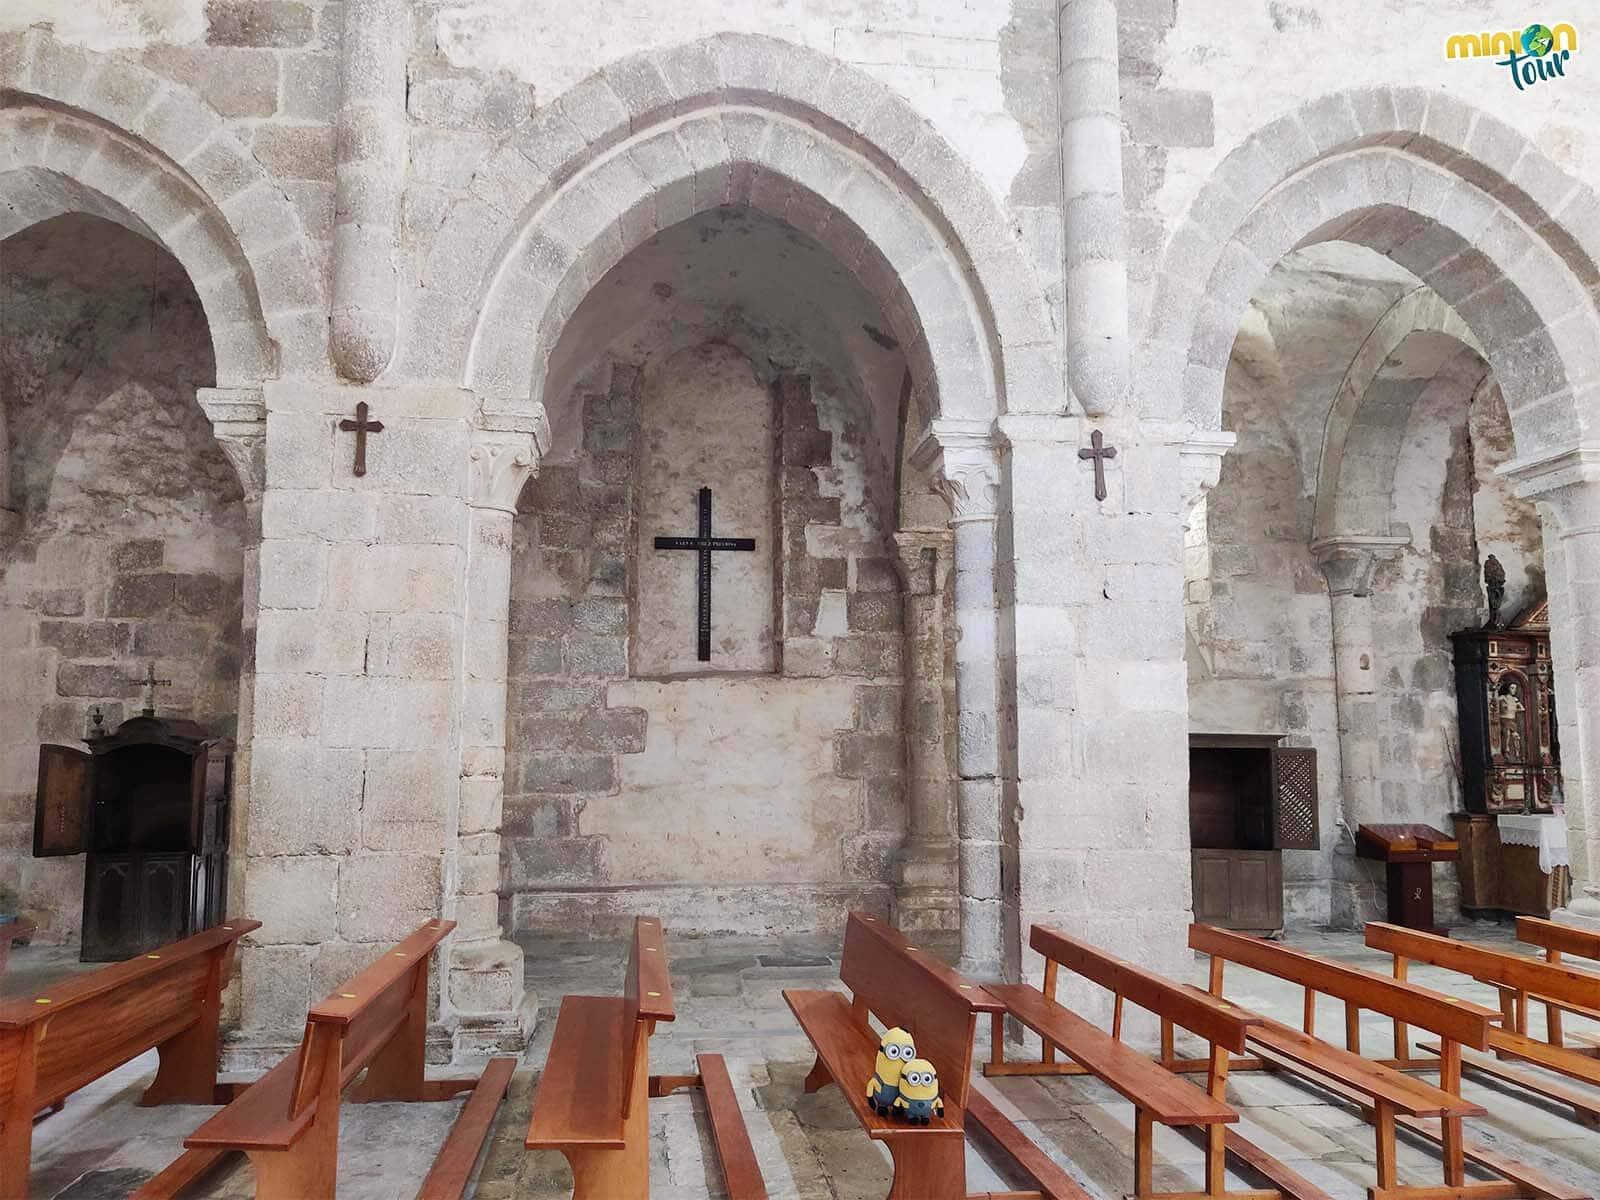 Cotilleando el interior de la iglesia del Monasterio de Santa María de Meira